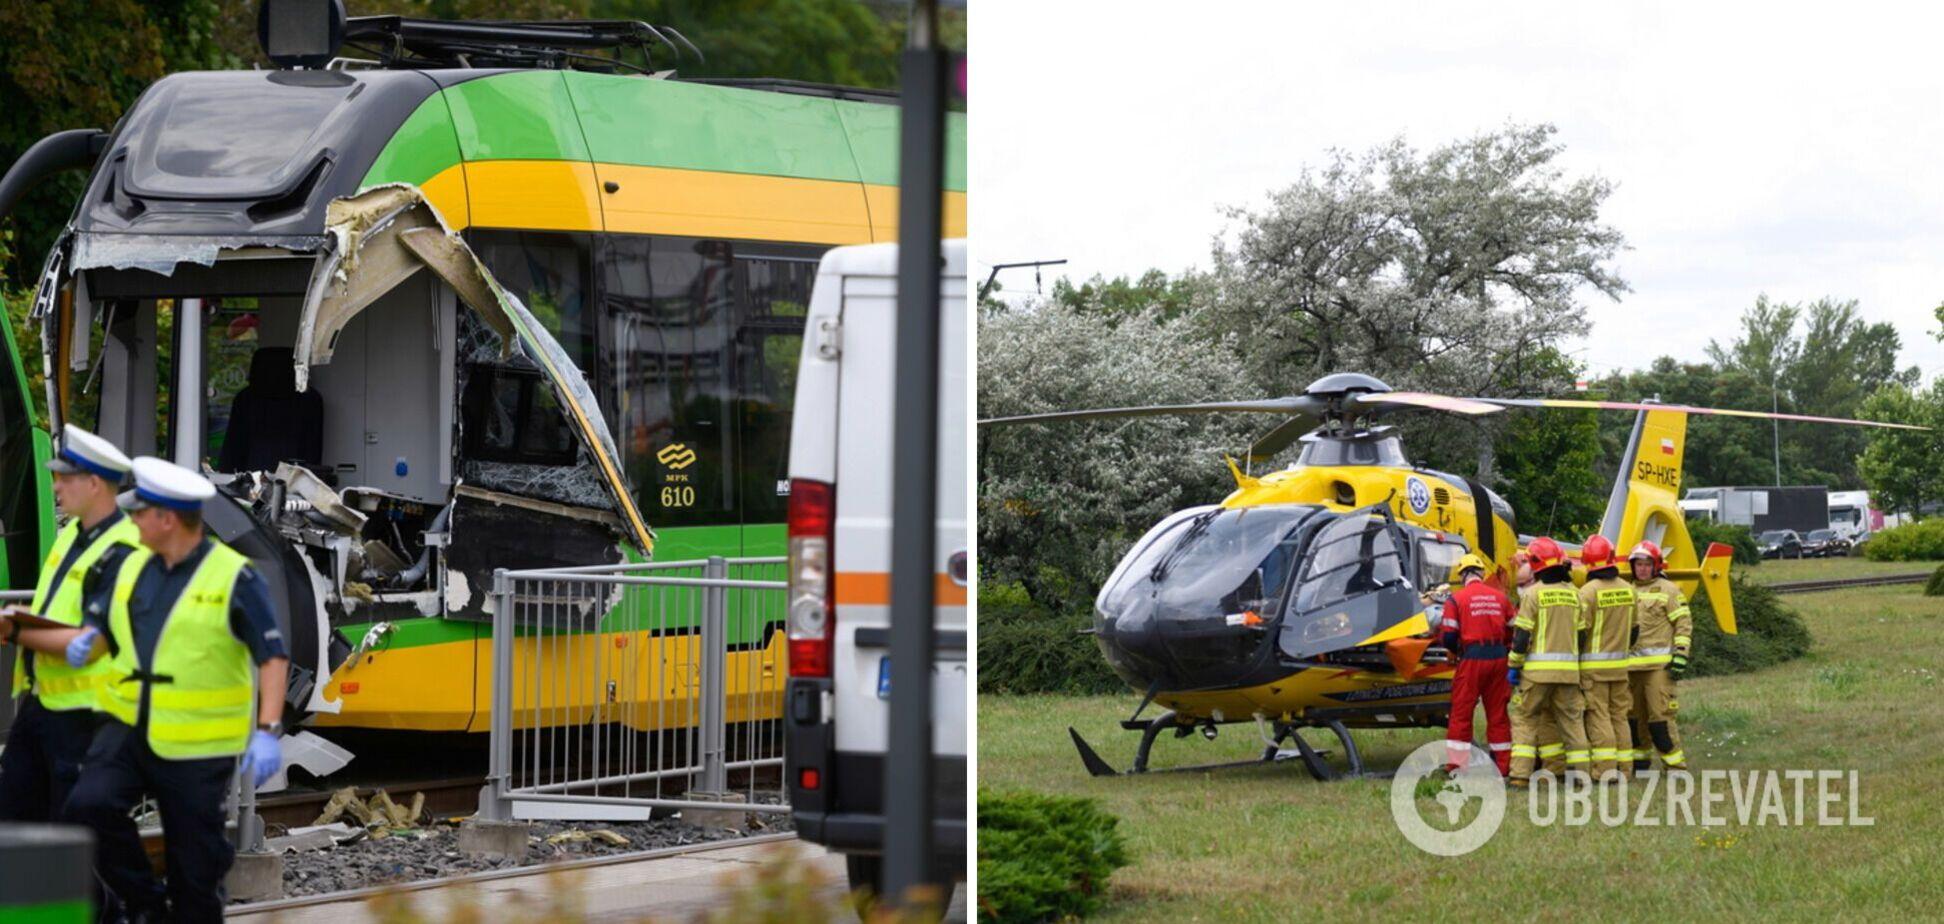 В Польше столкнулись трамваи, более 30 пассажиров получили травмы. Фото и видео